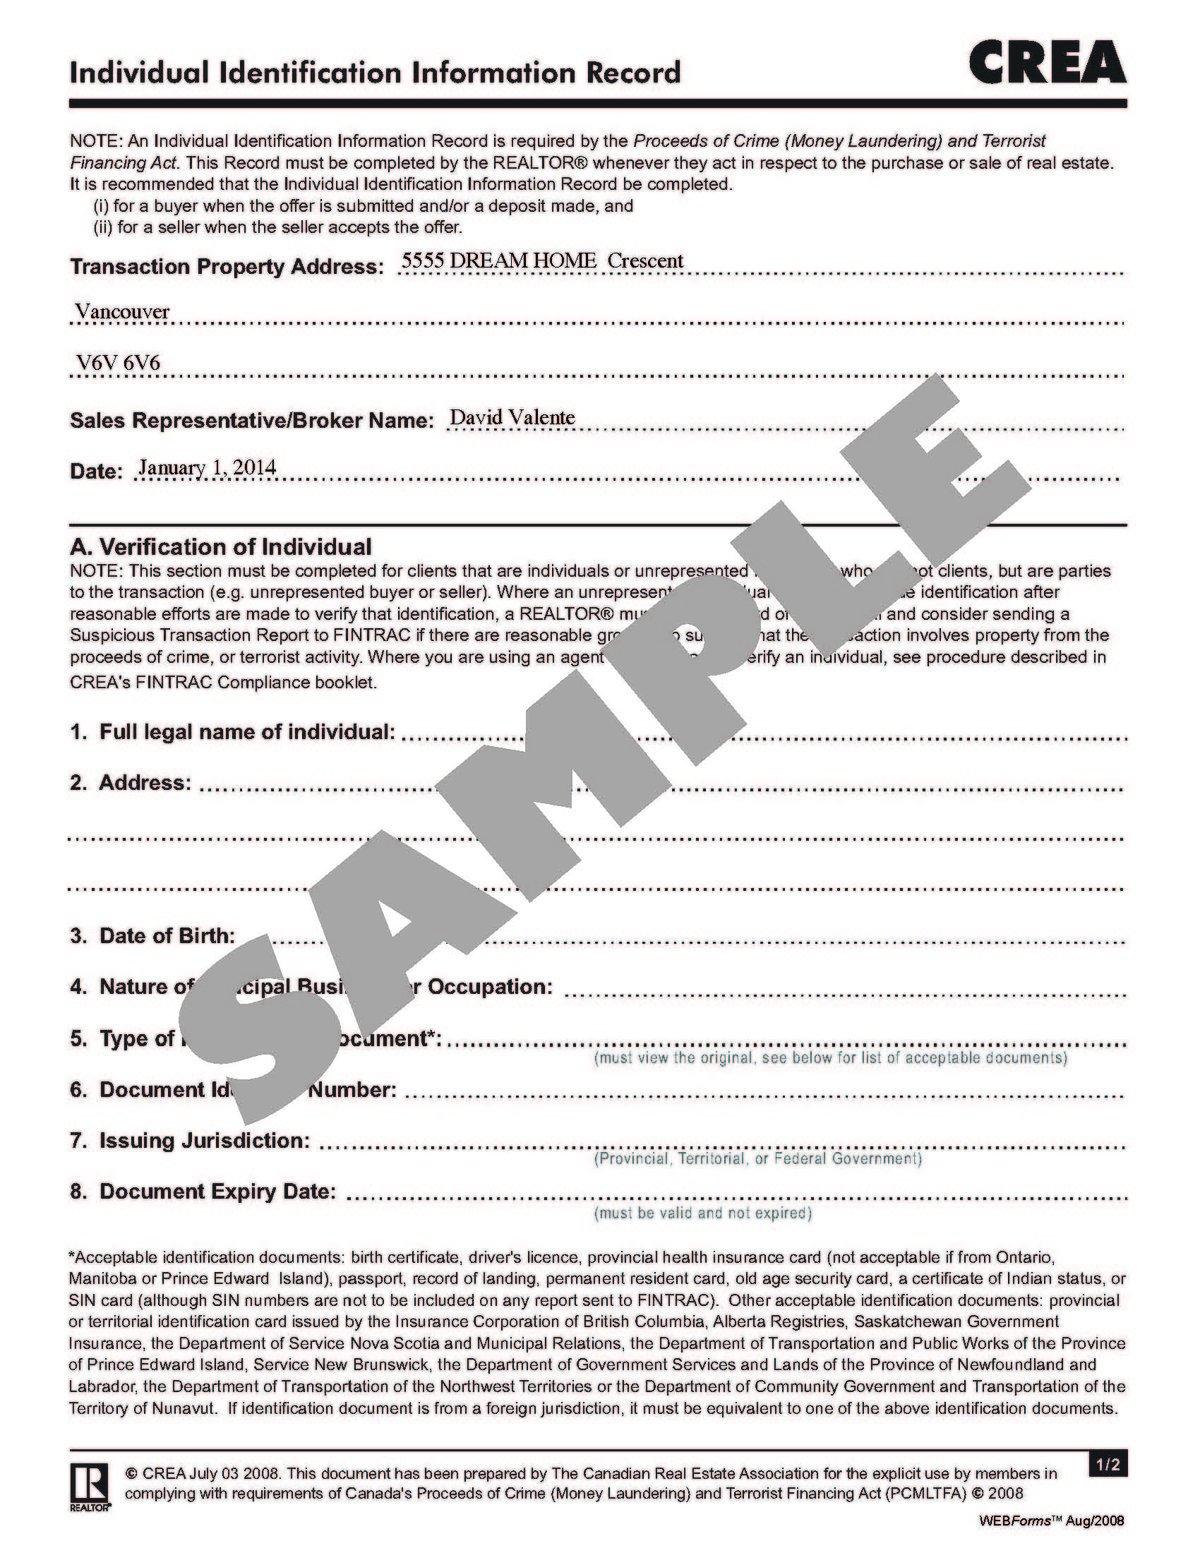 MLS-FINTRAC SAMPLE_Page_1.jpg